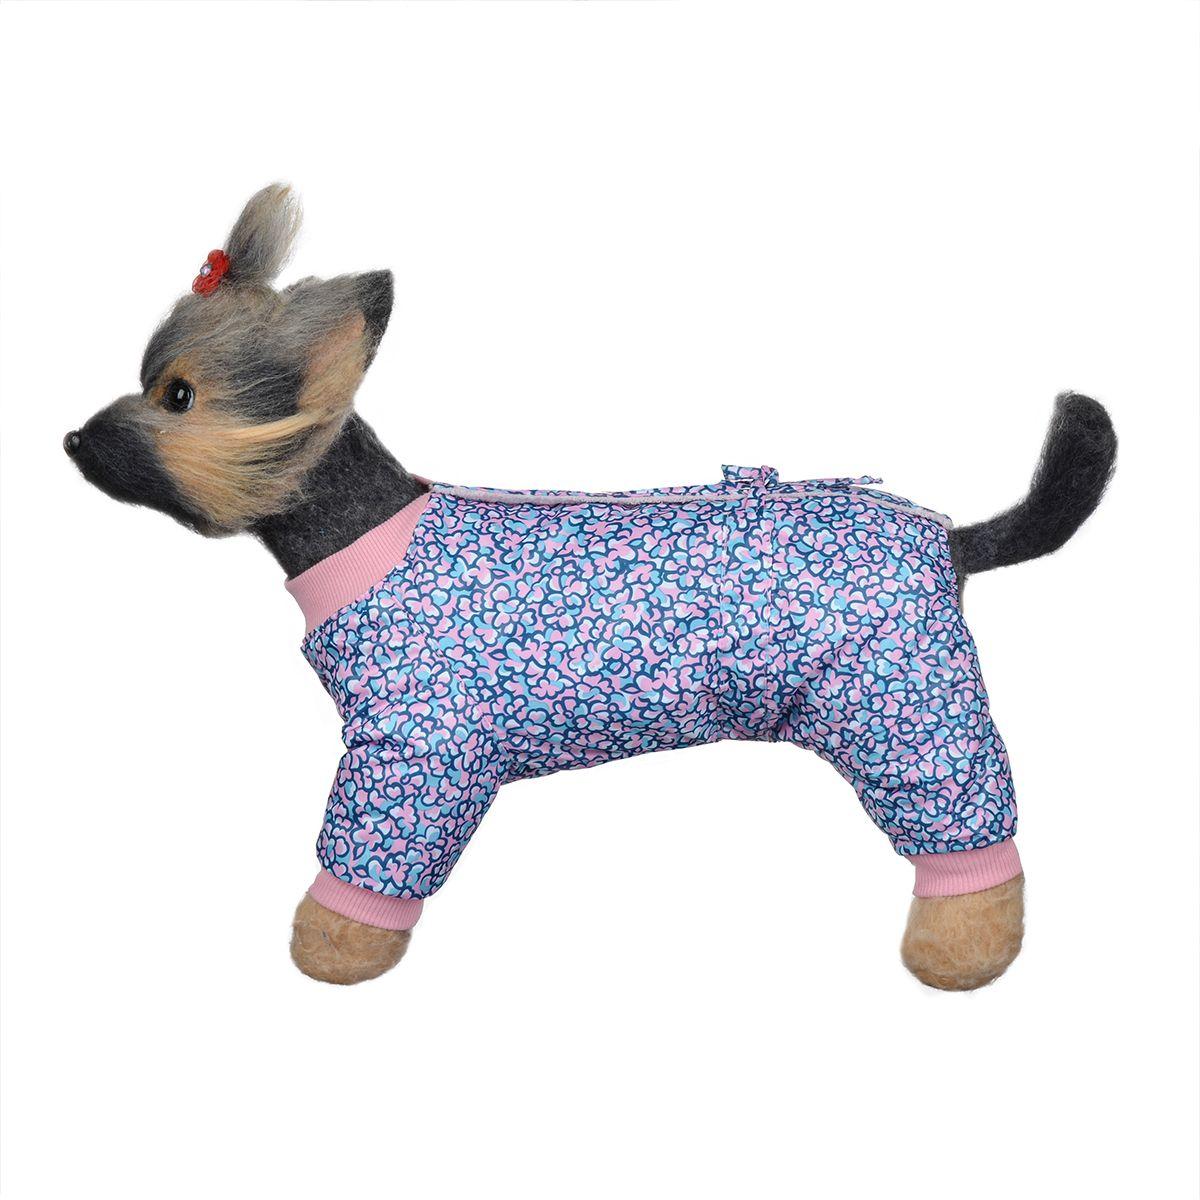 Комбинезон для собак Dogmoda Лаки, зимний, для девочки, цвет: розовый, синий. Размер 4 (XL)DM-150334-4Комбинезон для собак Dogmoda Лаки, оформленный ярким цветочным рисунком, отлично подойдет для прогулок в зимнее время года. Комбинезон изготовлен из водоотталкивающего полиэстера, защищающего от ветра и снега, с утеплителем из синтепона, который сохранит тепло даже в сильные морозы, а в качестве подкладки используется искусственный мех, который обеспечивает отличный воздухообмен. Комбинезон застегивается на кнопки на спинке, благодаря чему его легко надевать и снимать. Ворот, низ рукавов и брючин оснащены широкими трикотажными манжетами, которые мягко обхватывают шею и лапки, не позволяя просачиваться холодному воздуху. На пояснице комбинезон затягивается на шнурок-кулиску. Изделие имеет максимально закрытый животик. Благодаря такому комбинезону простуда не грозит вашему питомцу, и он сможет испытать не сравнимое удовольствие от снежных игр и забав.